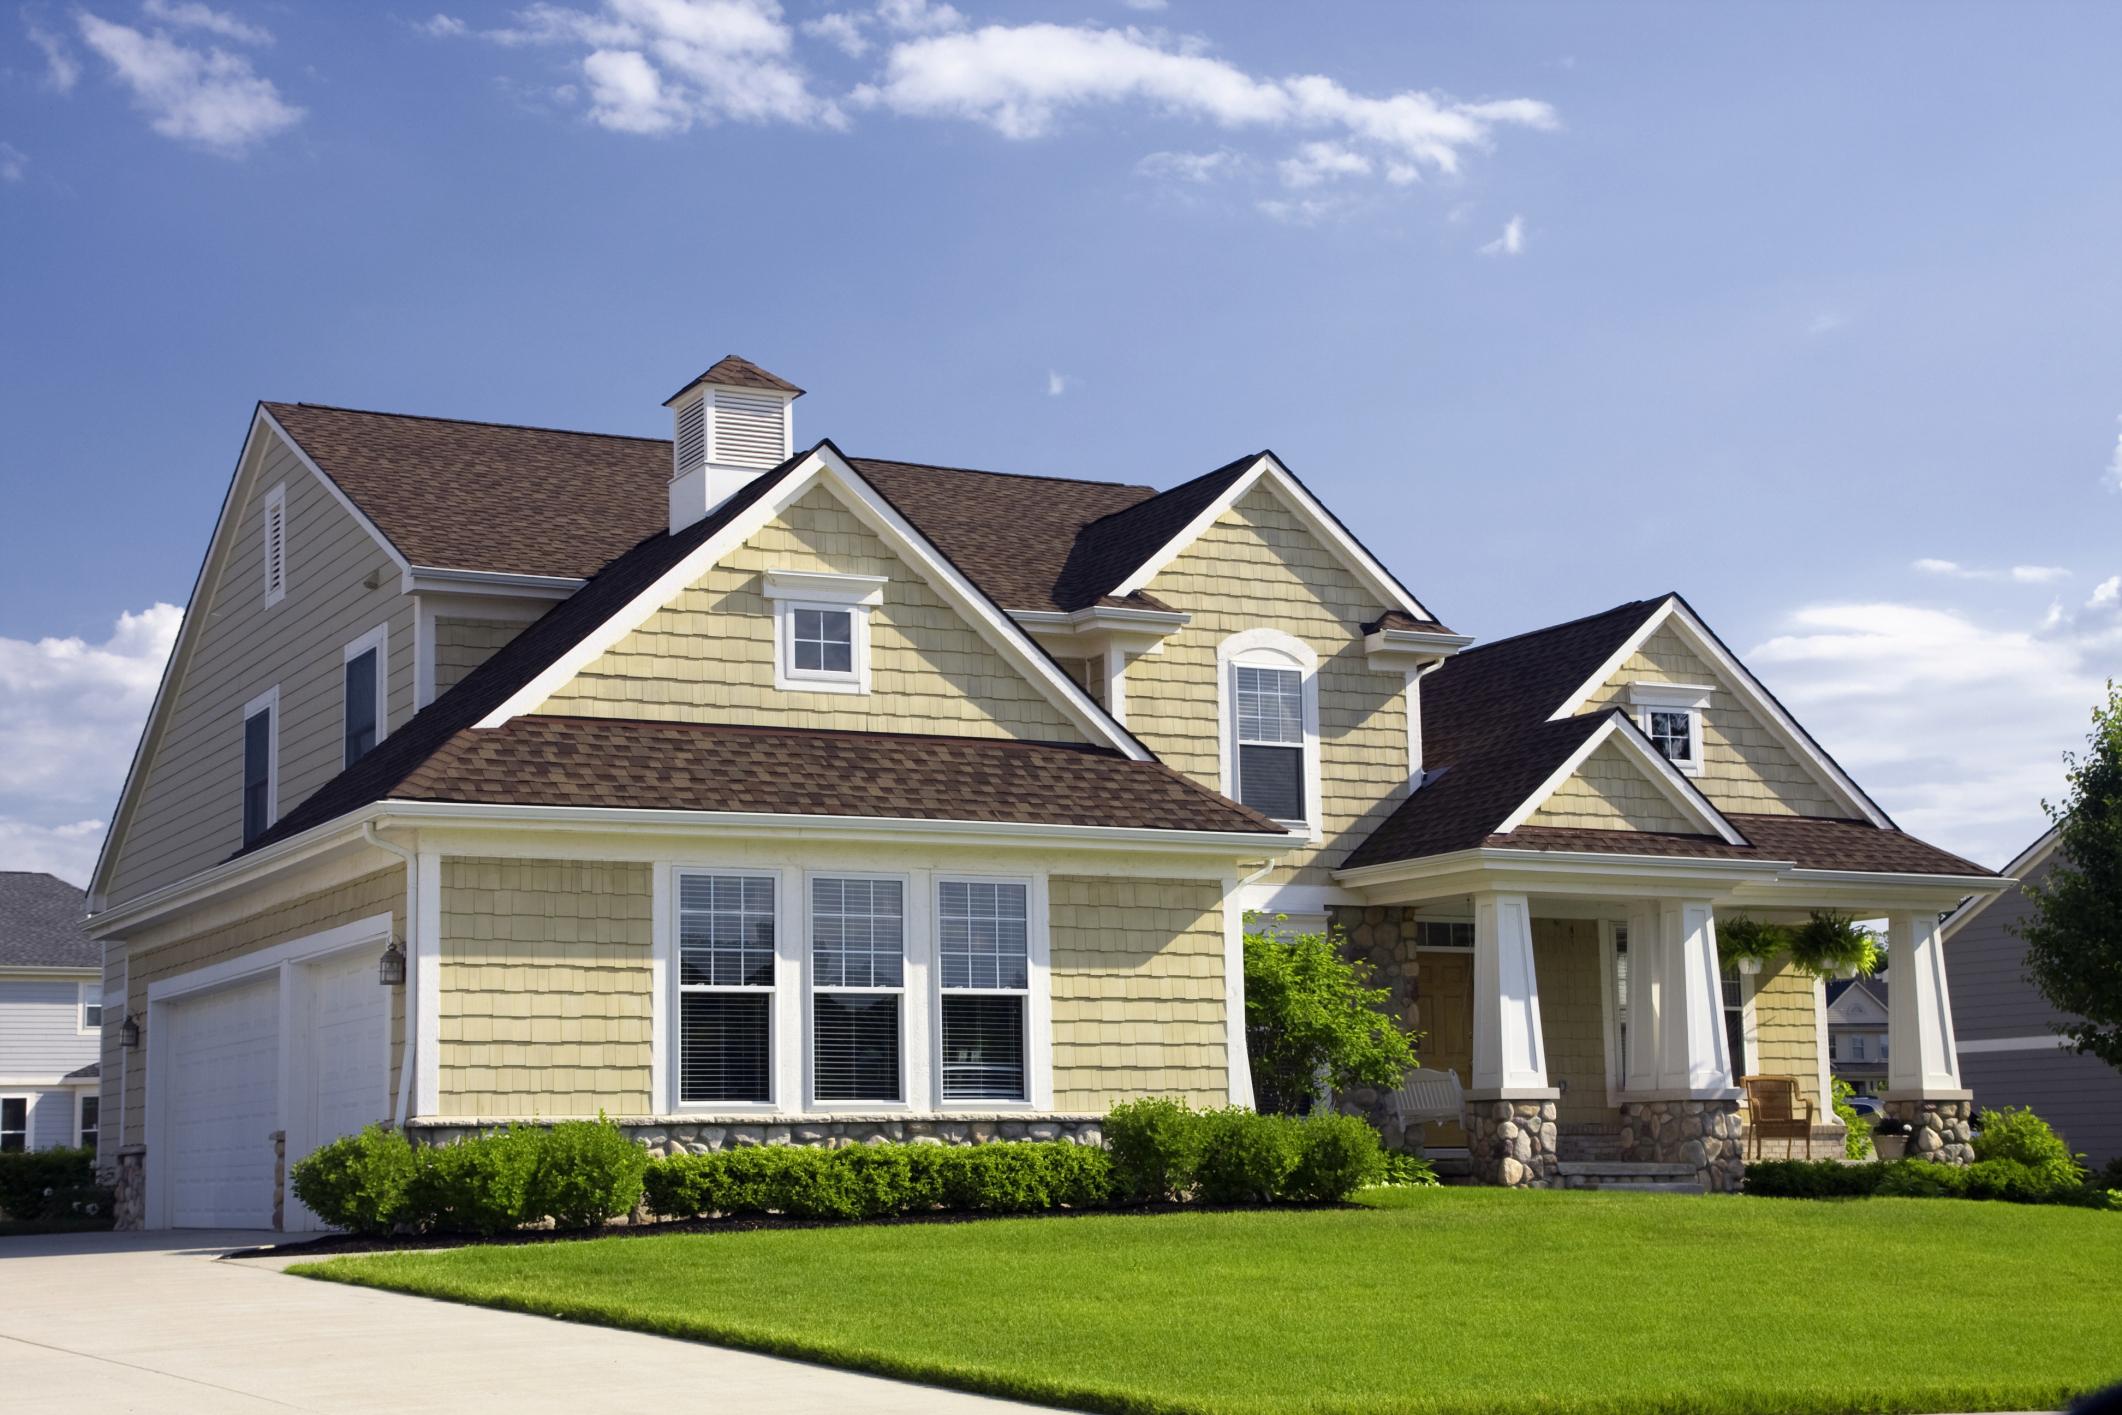 your garden state home - Garden Homes Nj